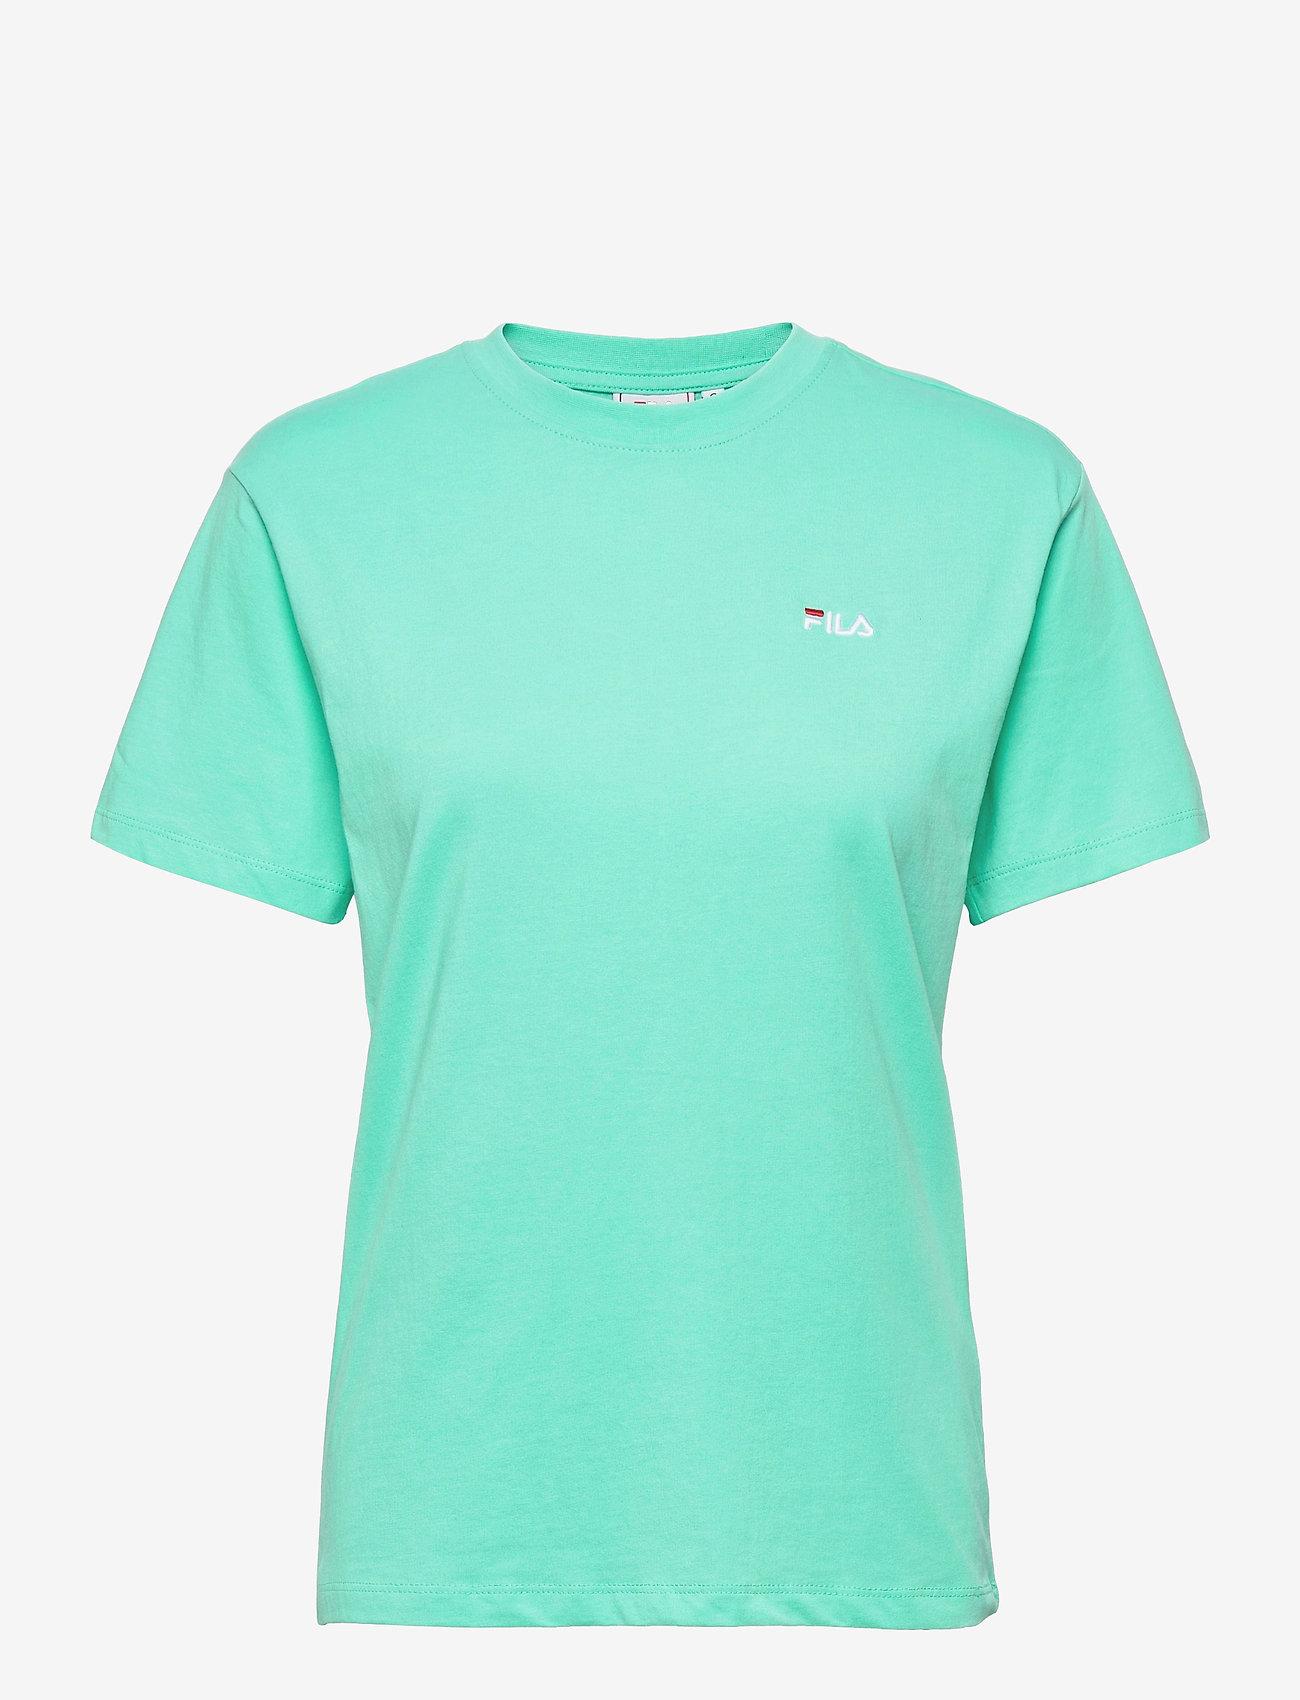 FILA - WOMEN EARA tee - t-shirts - biscay green - 0